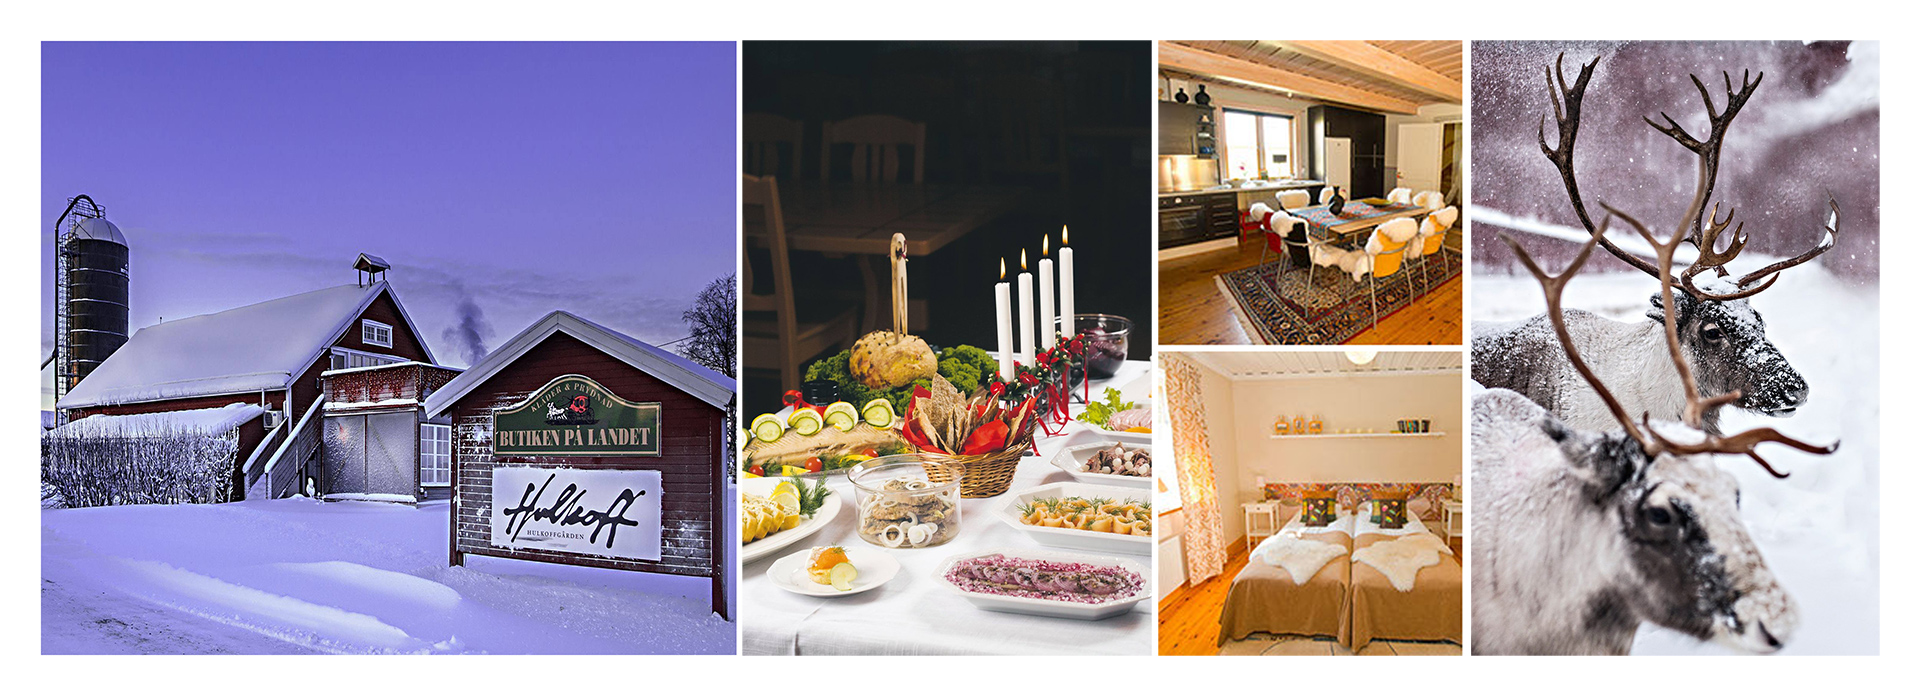 Viaggi di Gruppo  banner_hulkoff [CONCLUSO] Autentico Natale in Lapponia: Da Venerdì 22 a Mercoledì 27 Dicembre 2017